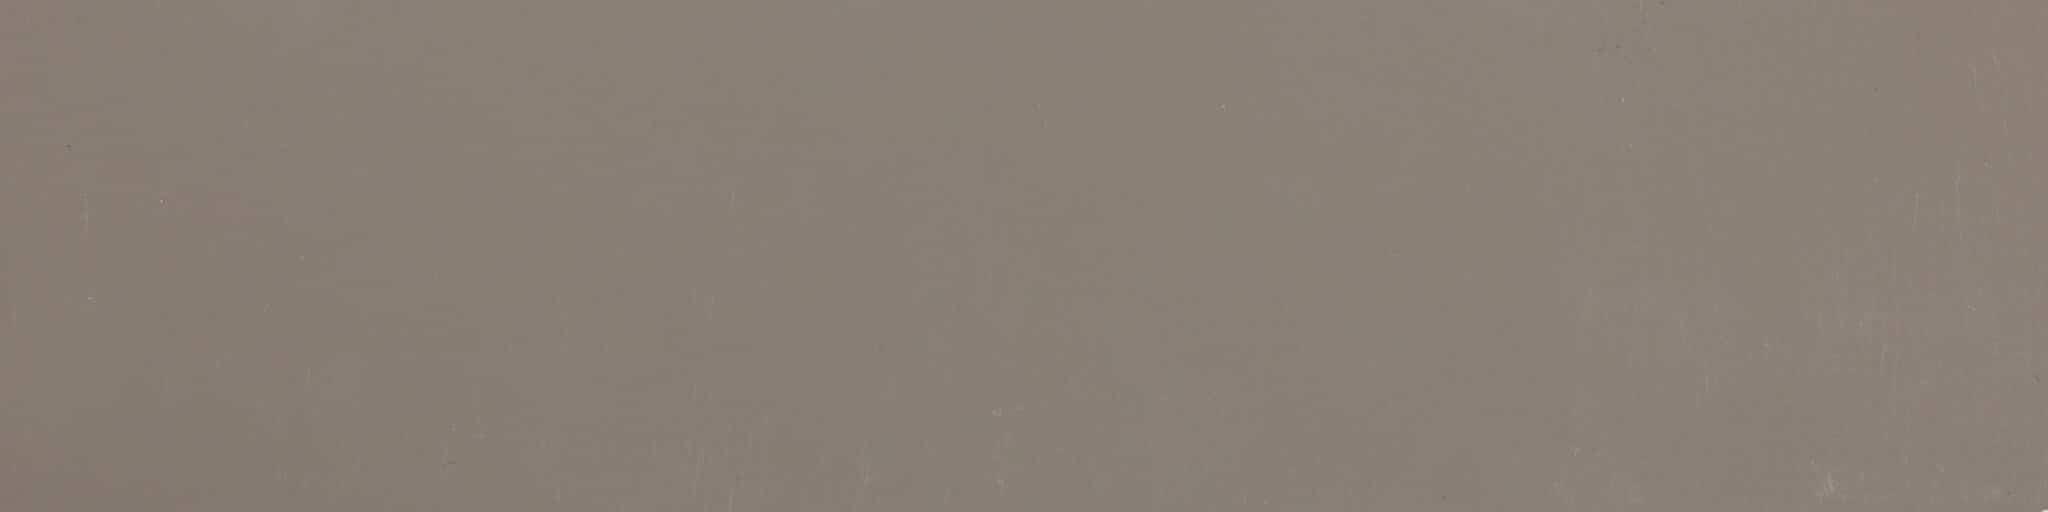 Houten jaloezie 'Plus' 301614 – Pure wood – Wolk – Max 2650 mm breed – meest gekozen